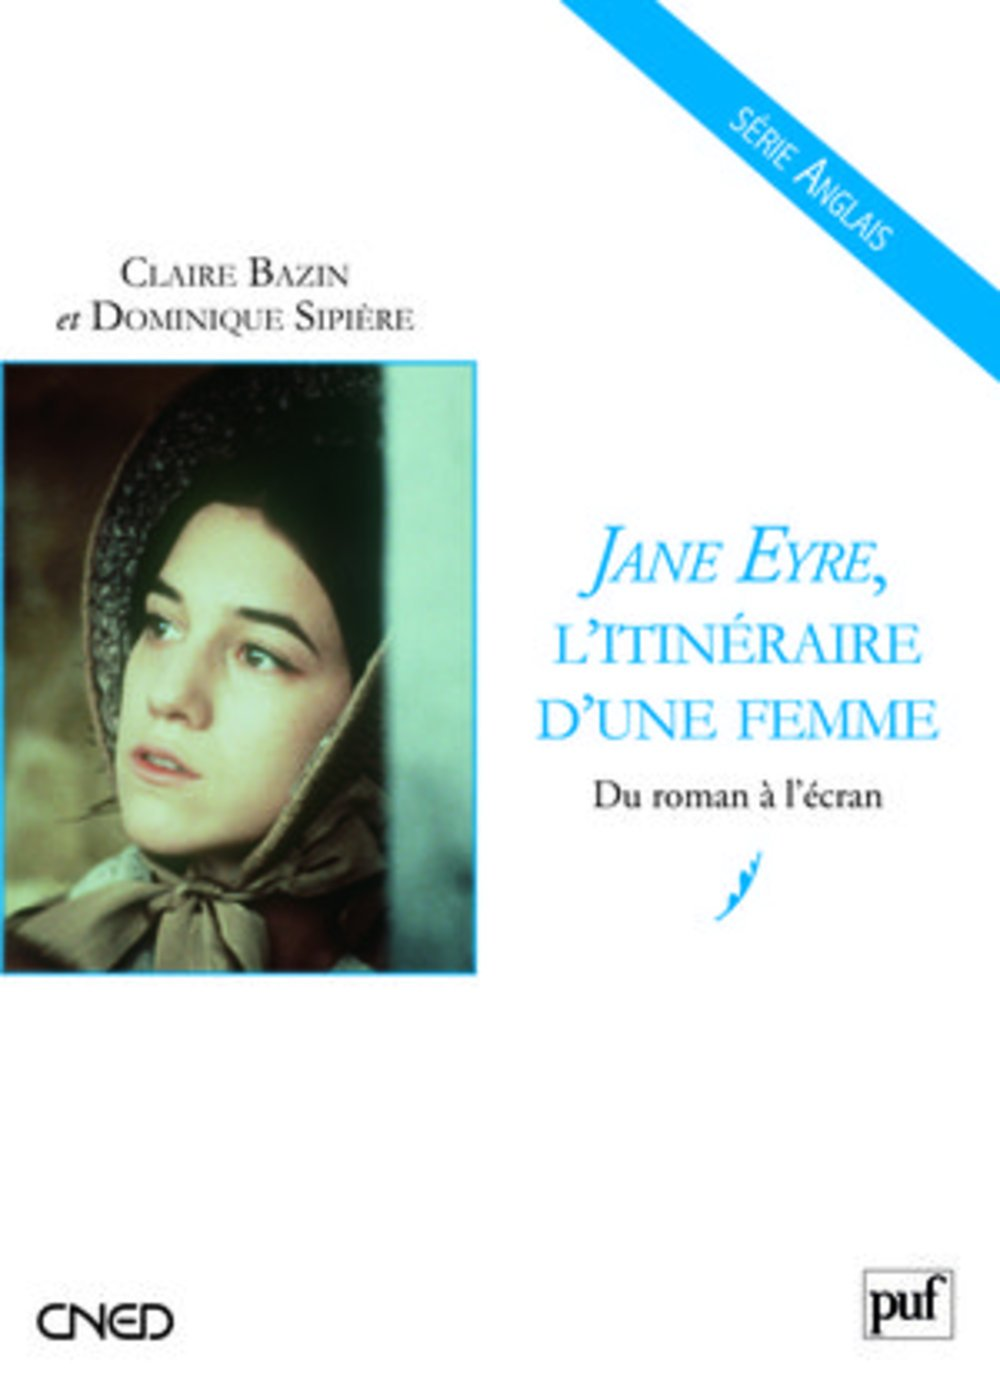 Jane Eyre, l'itinéraire d'une femme : Du roman à l'écran Broché – 7 novembre 2008 Claire Bazin Dominique Sipière 2130571077 9782130571070_DMEDIA_US